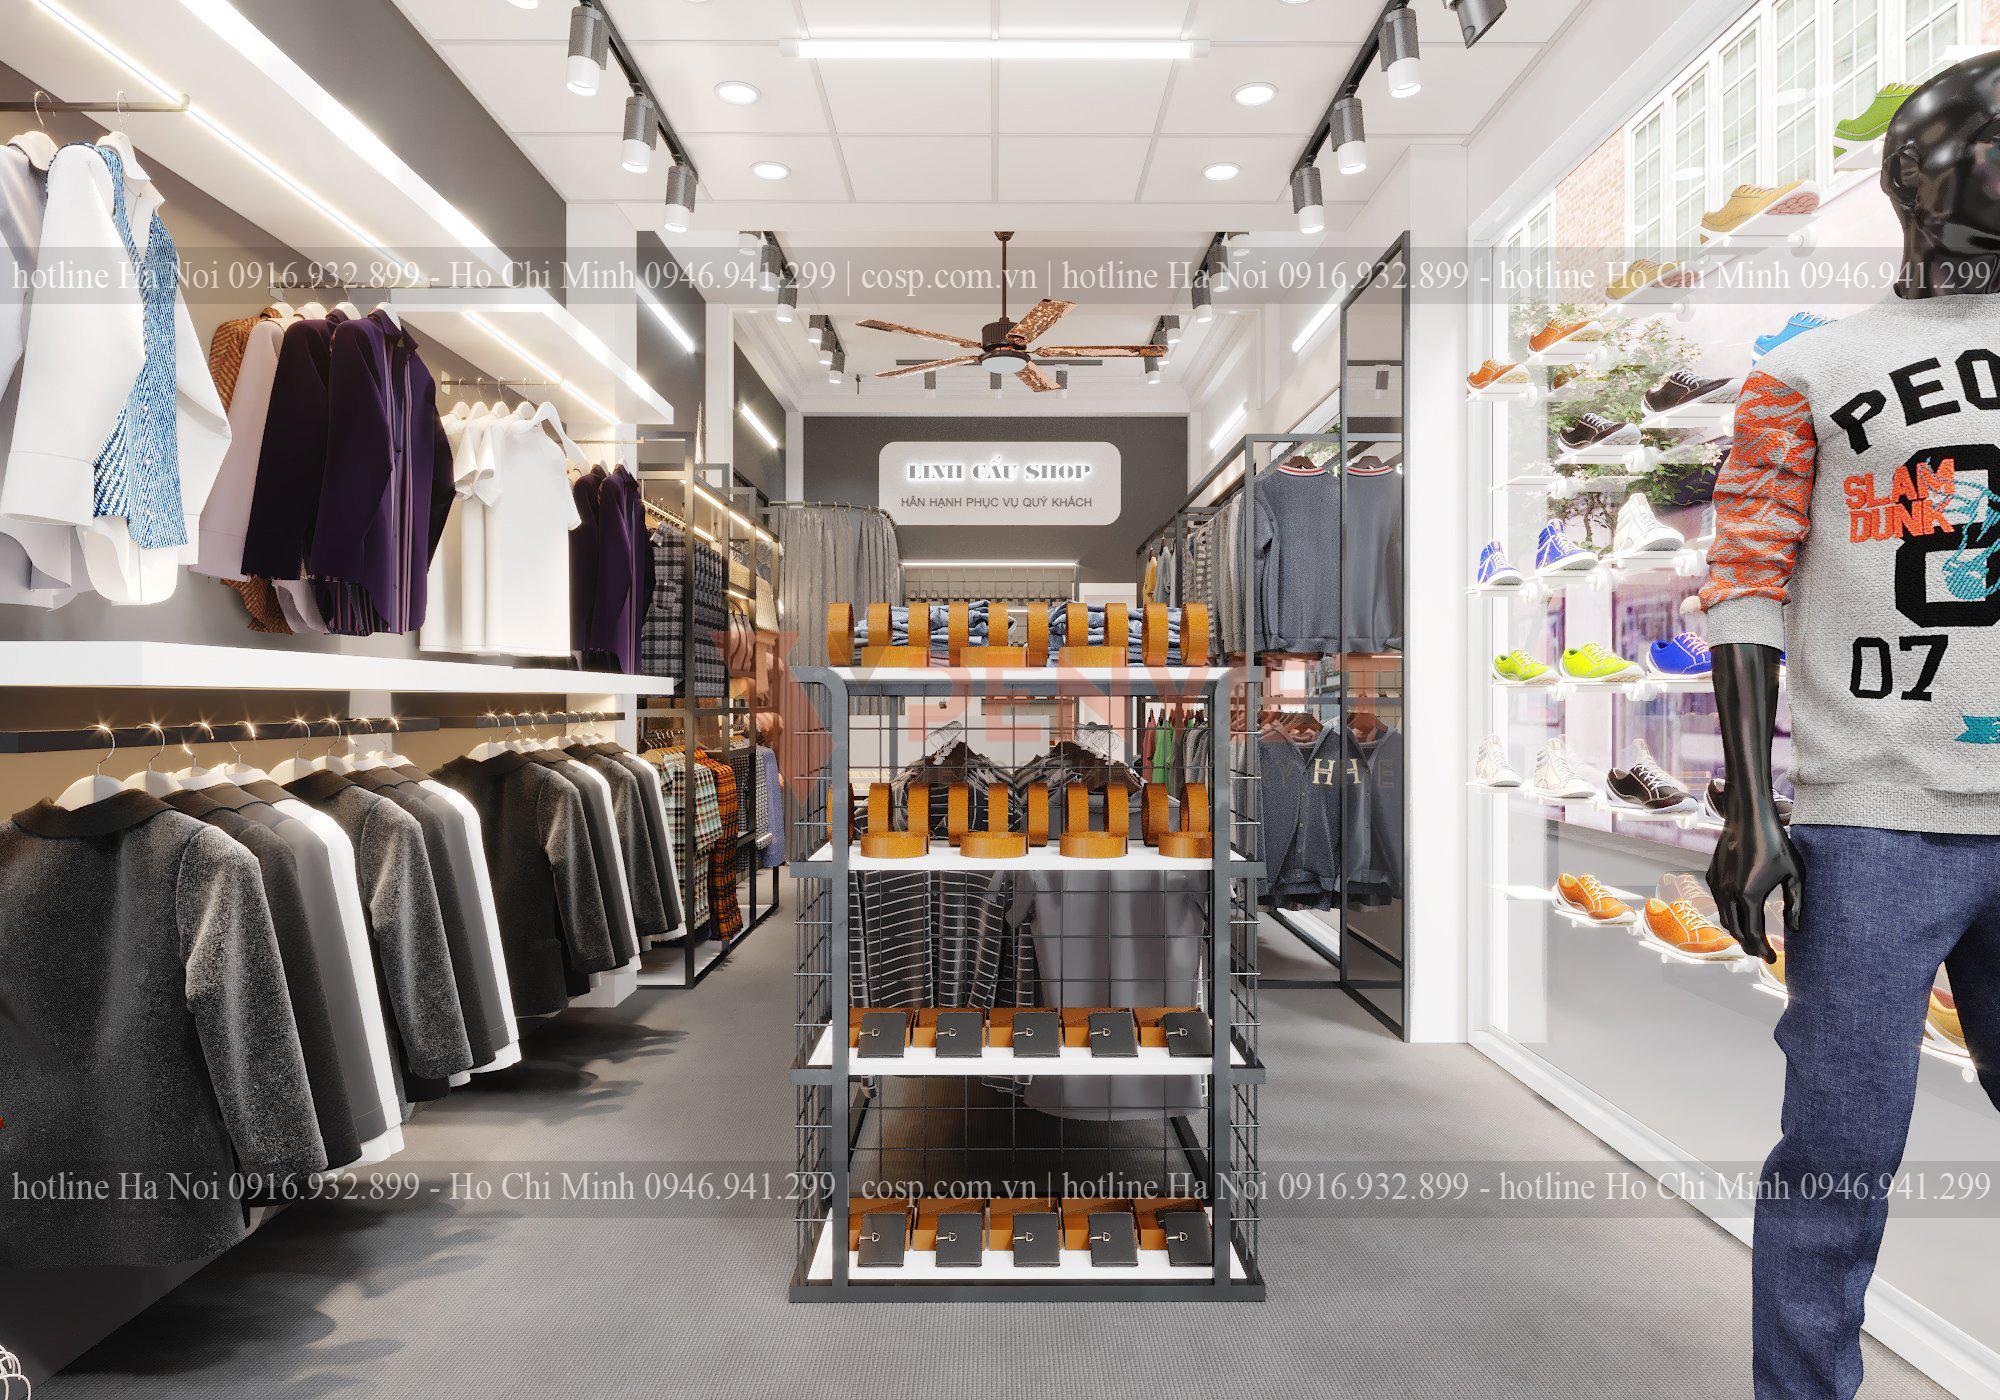 Một mẫu thiết kế cửa hàng thời trang tại Hà Nội hiện đại, cuốn hút